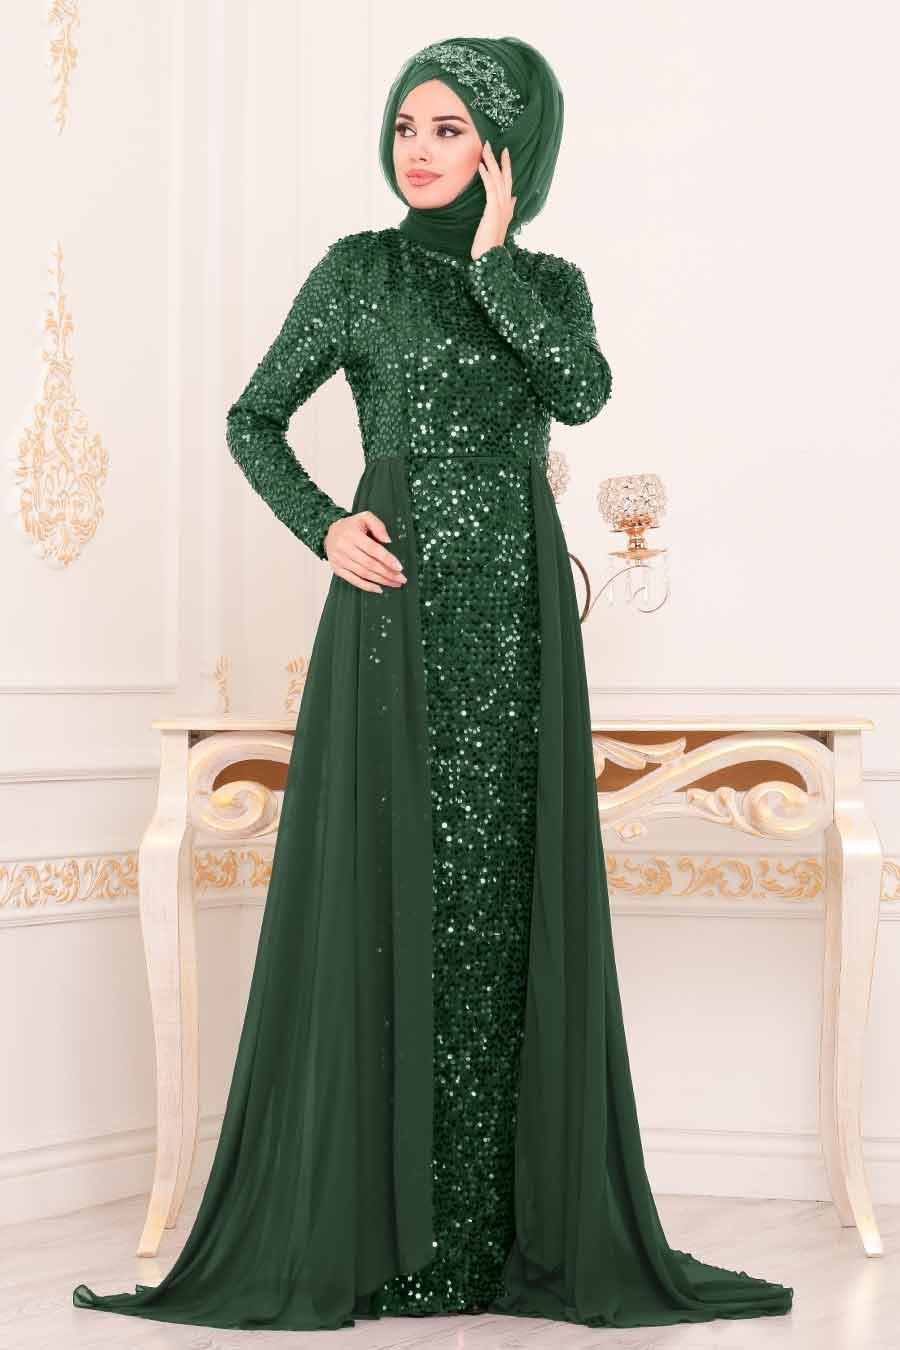 Tesettürlü Abiye Elbise - Pul Payetli Yeşil Tesettür Abiye Elbise 9112Y